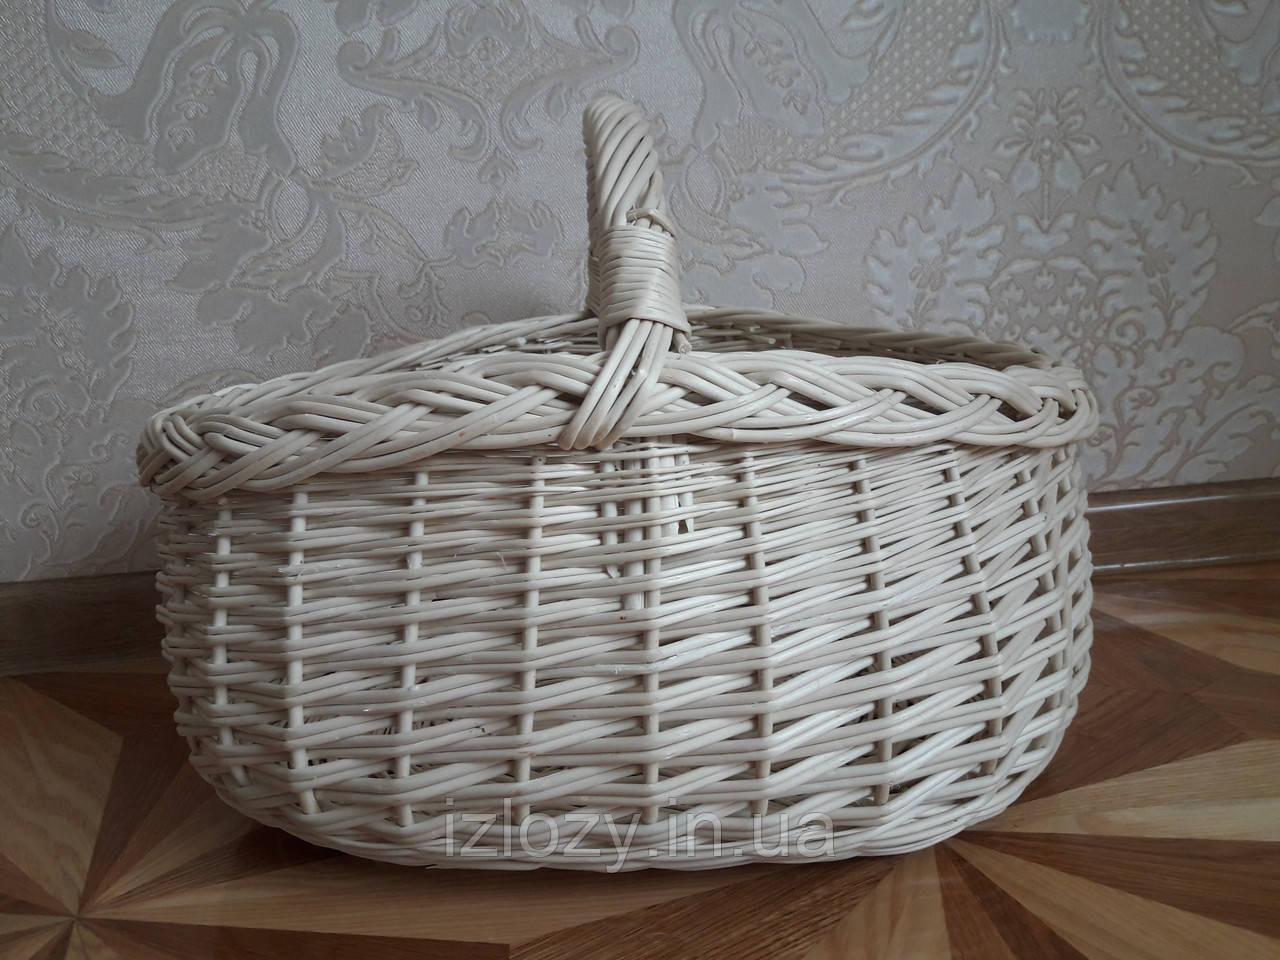 9e698a557752b Плетеная пасхальная корзина из белой лозы - Плетеные изделия из лозы в  Закарпатской области